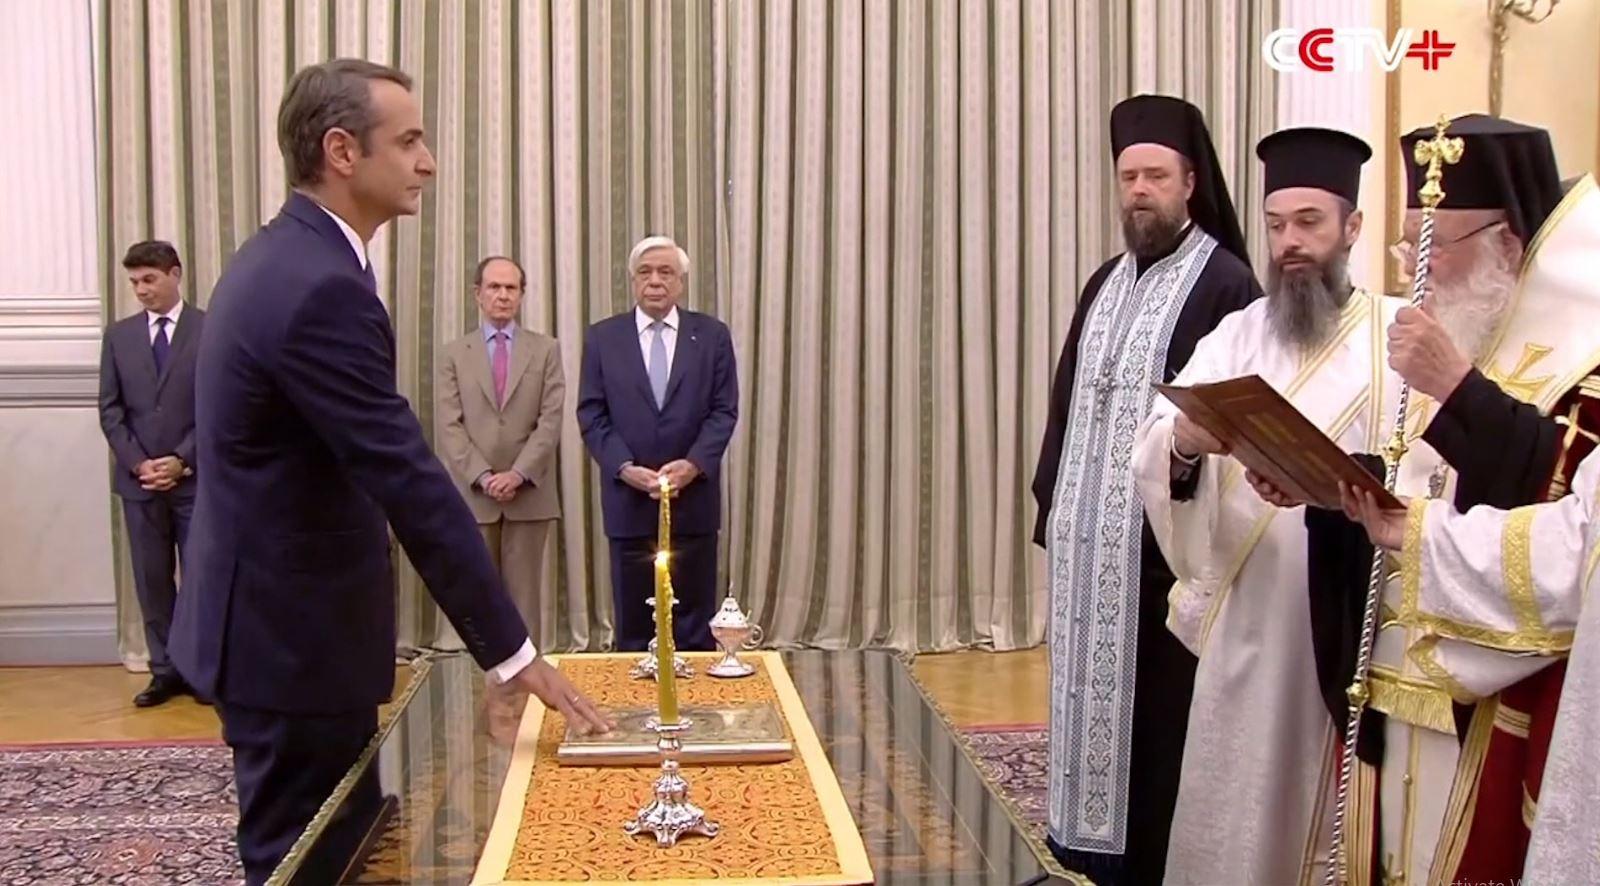 Betohet qeveria e re greke, të mërkurën mbledhja e parë